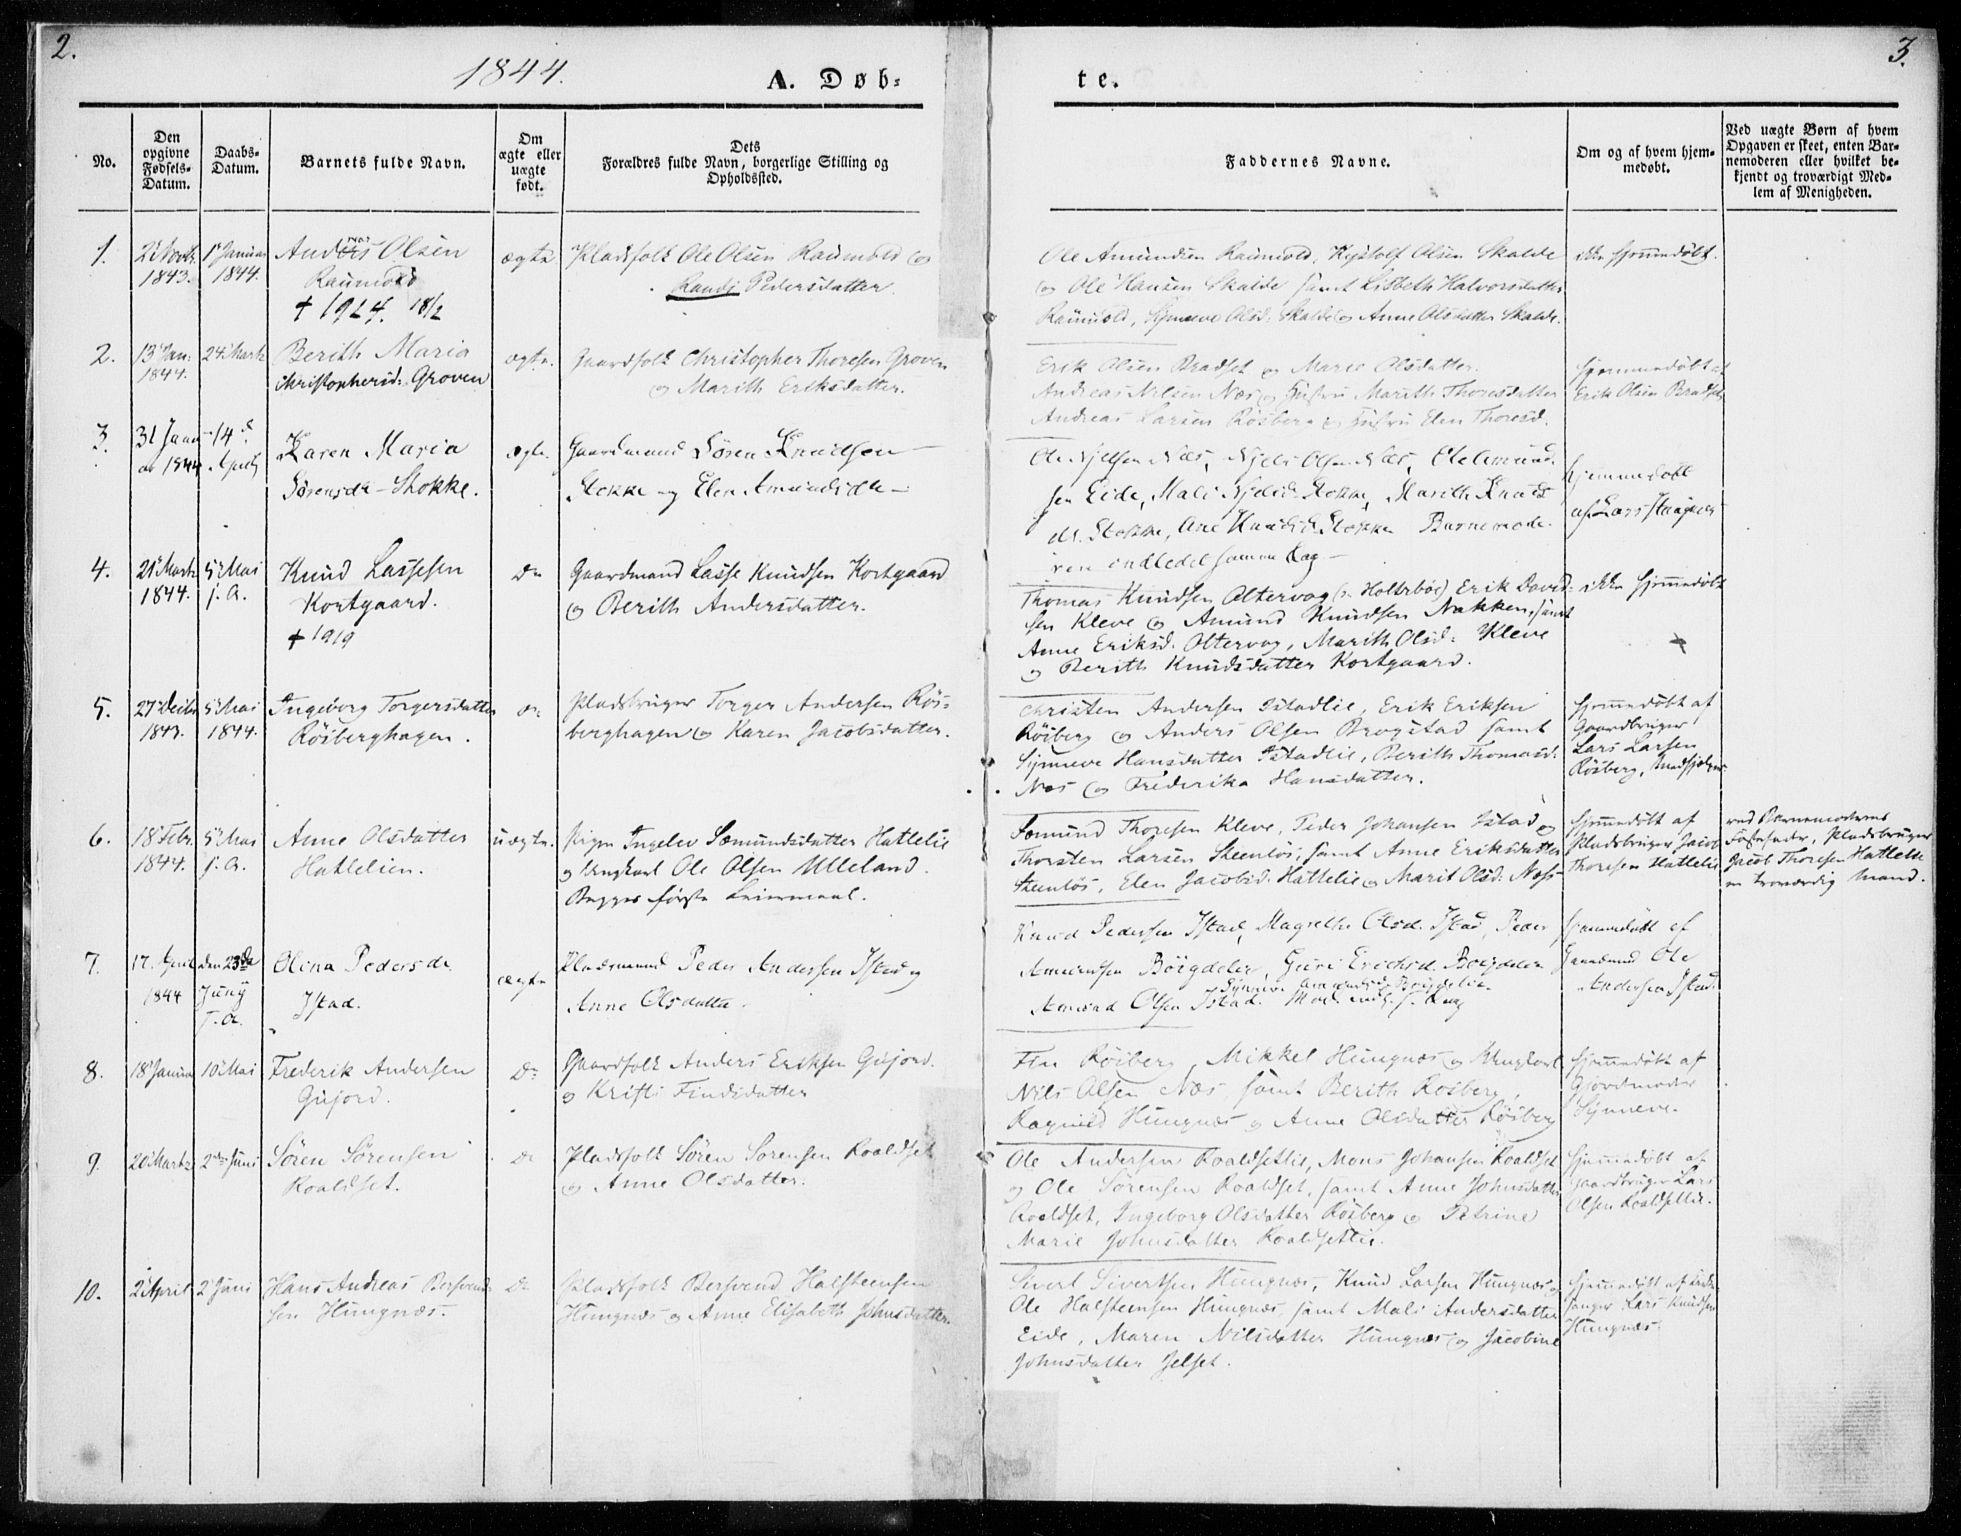 SAT, Ministerialprotokoller, klokkerbøker og fødselsregistre - Møre og Romsdal, 557/L0680: Ministerialbok nr. 557A02, 1843-1869, s. 2-3